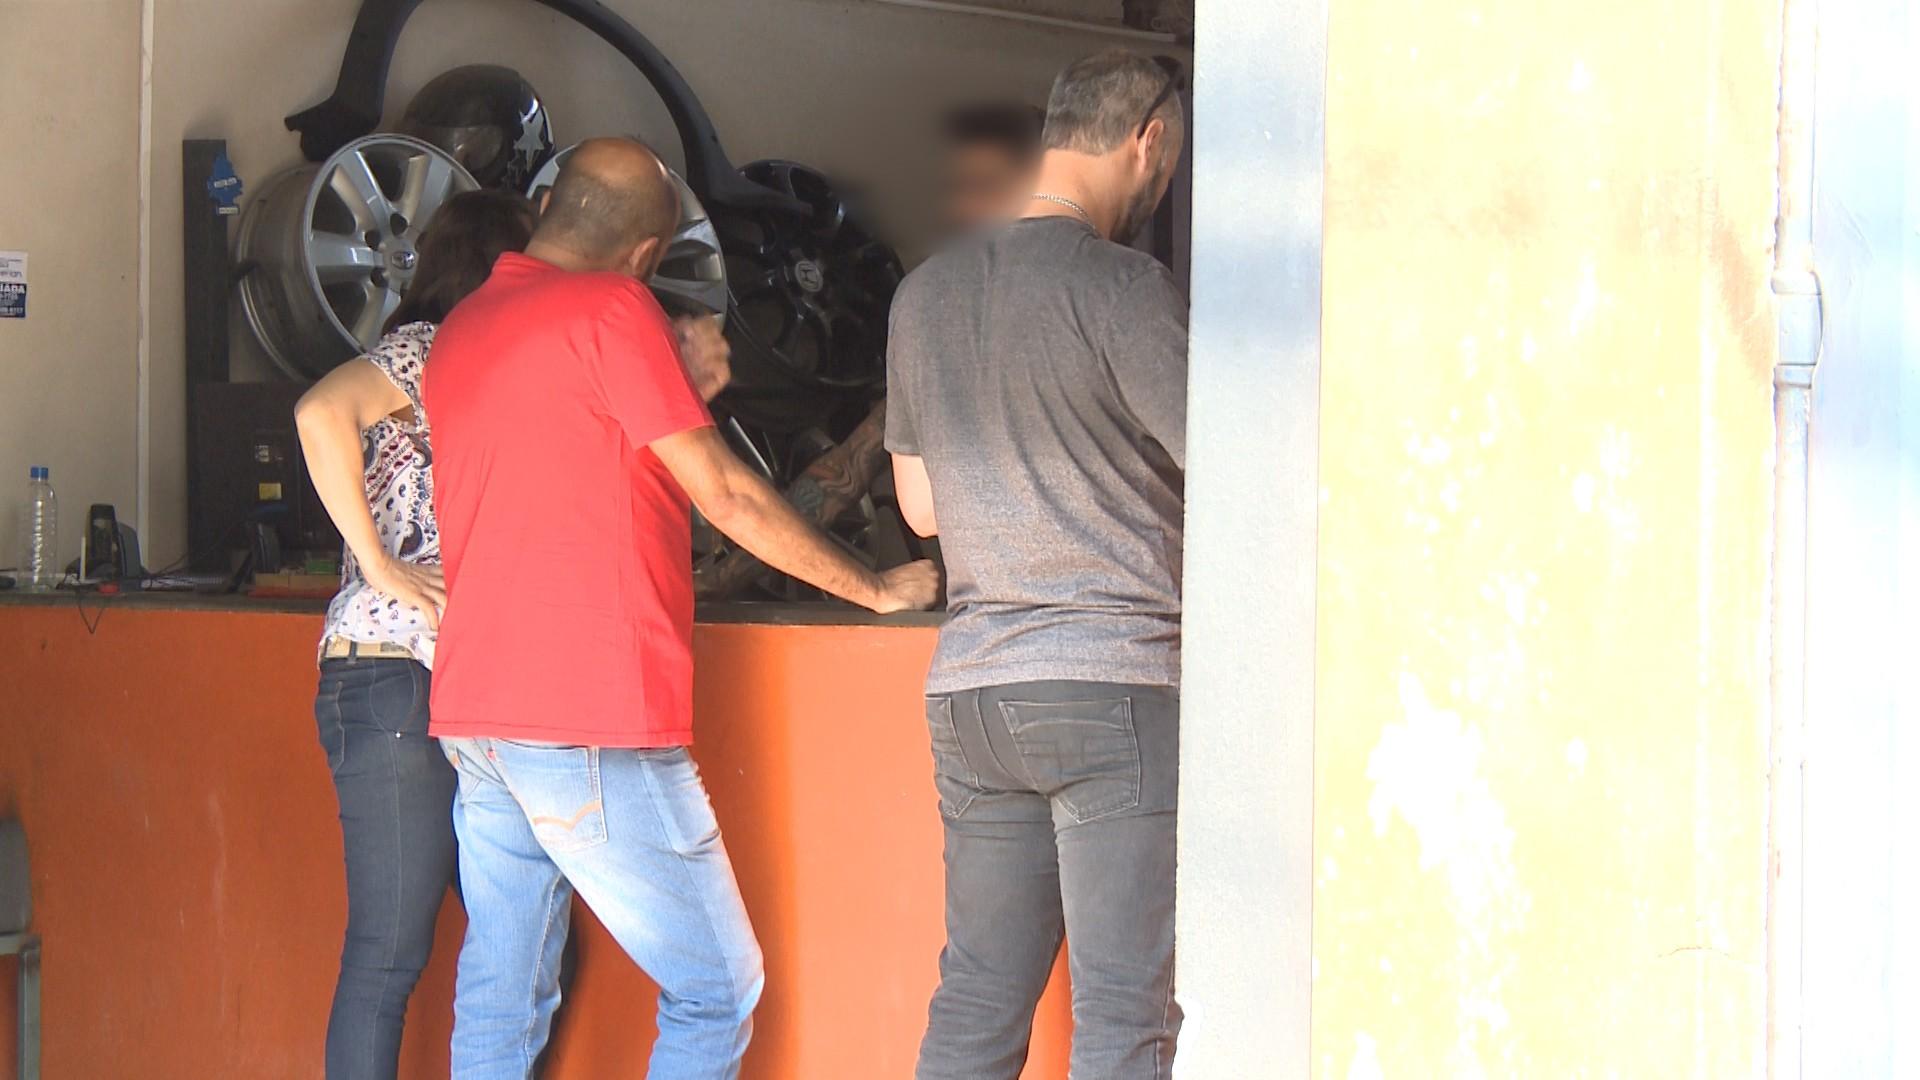 Operação 'Mosaico': dois estabelecimentos do ramo de peças automotivas são fechados em Divinópolis - Notícias - Plantão Diário